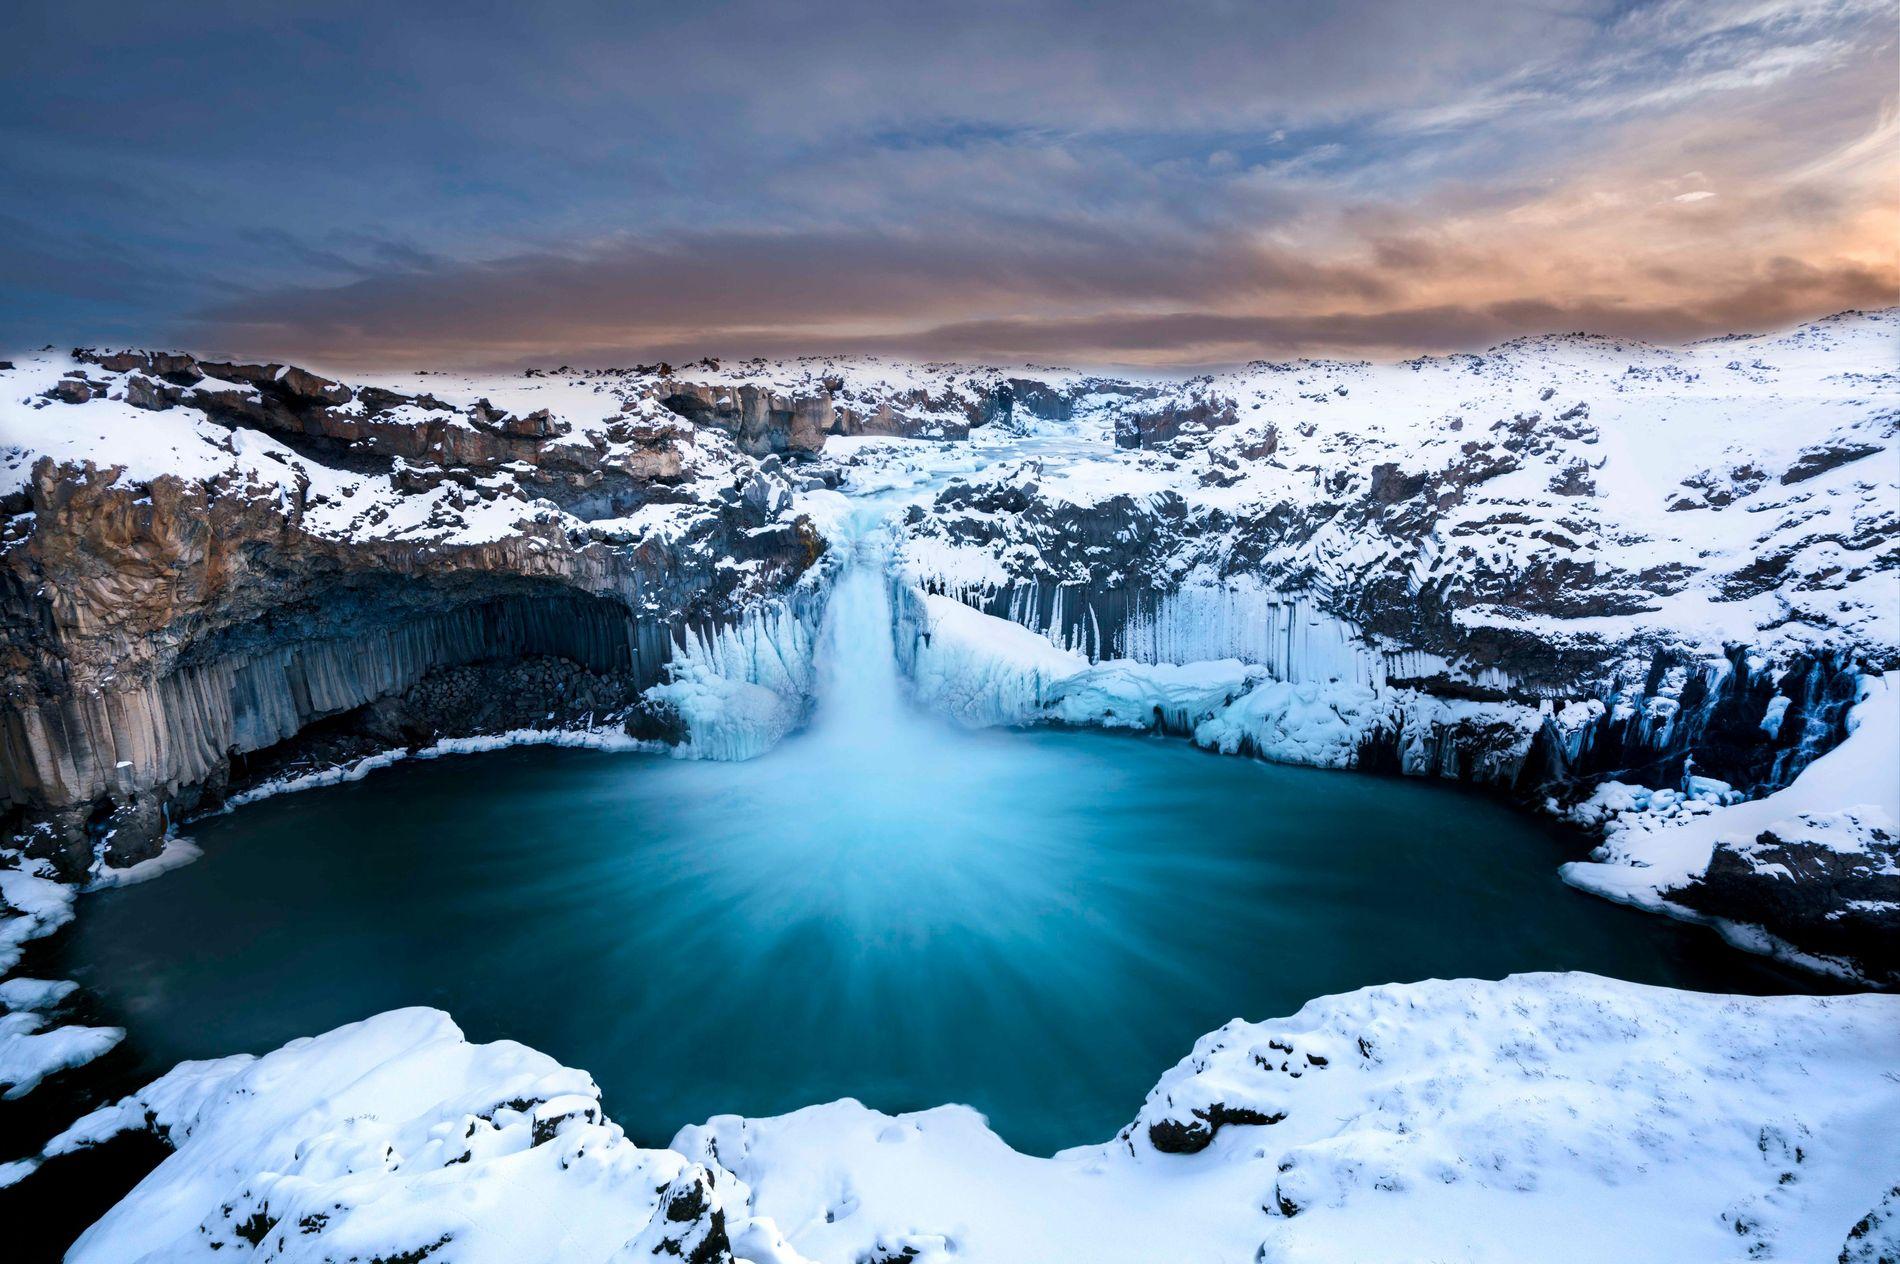 Cascata de gelo no norte da Islândia.